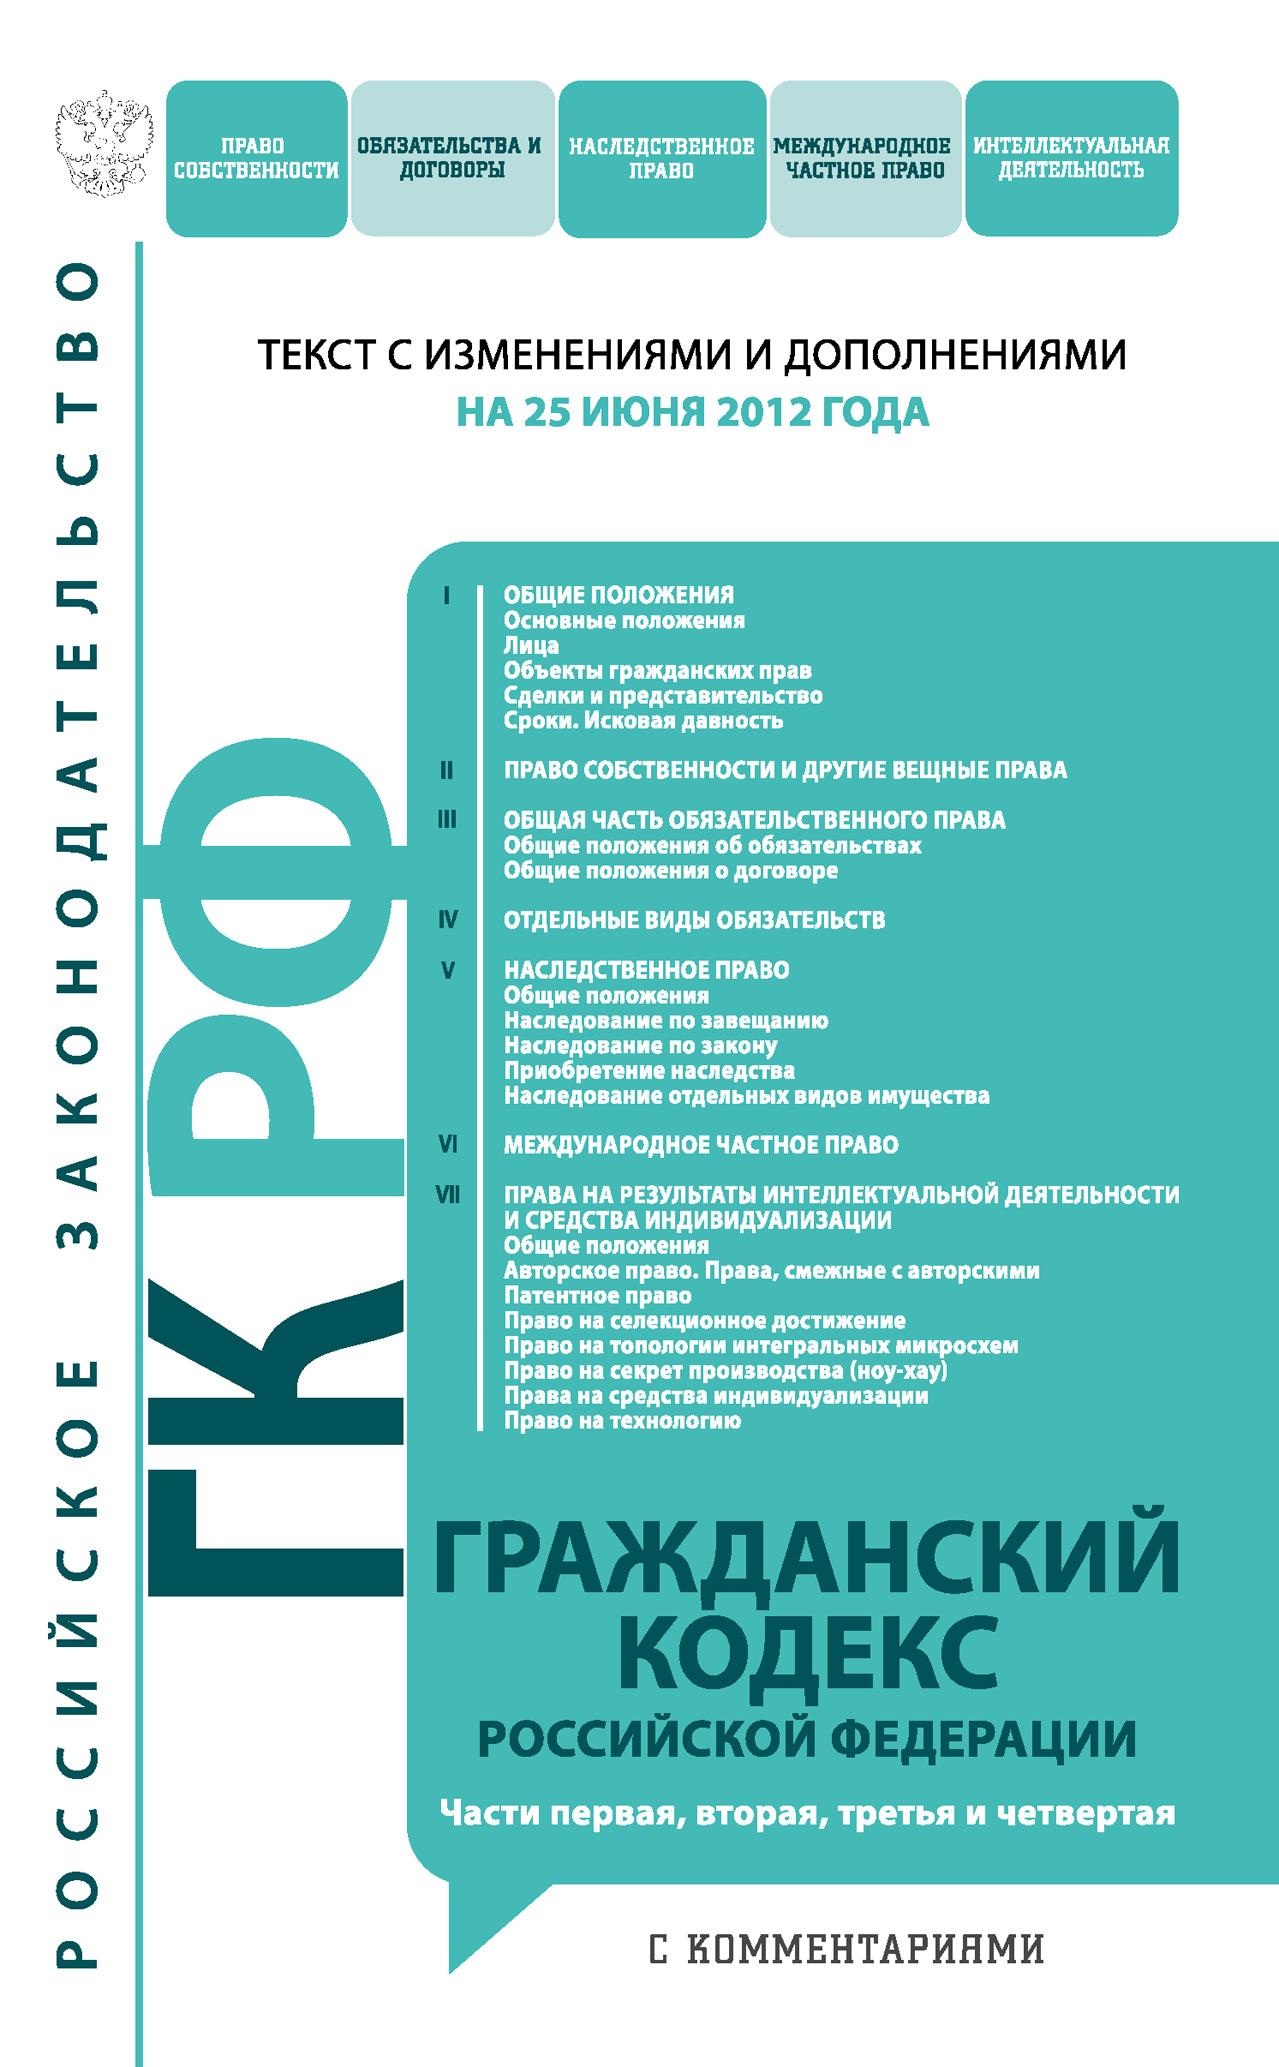 Гражданский кодекс Российской Федерации с комментариями. Части первая, вторая, третья и четвертая. Текст с изменениями и дополнениями на25 июня 2012года